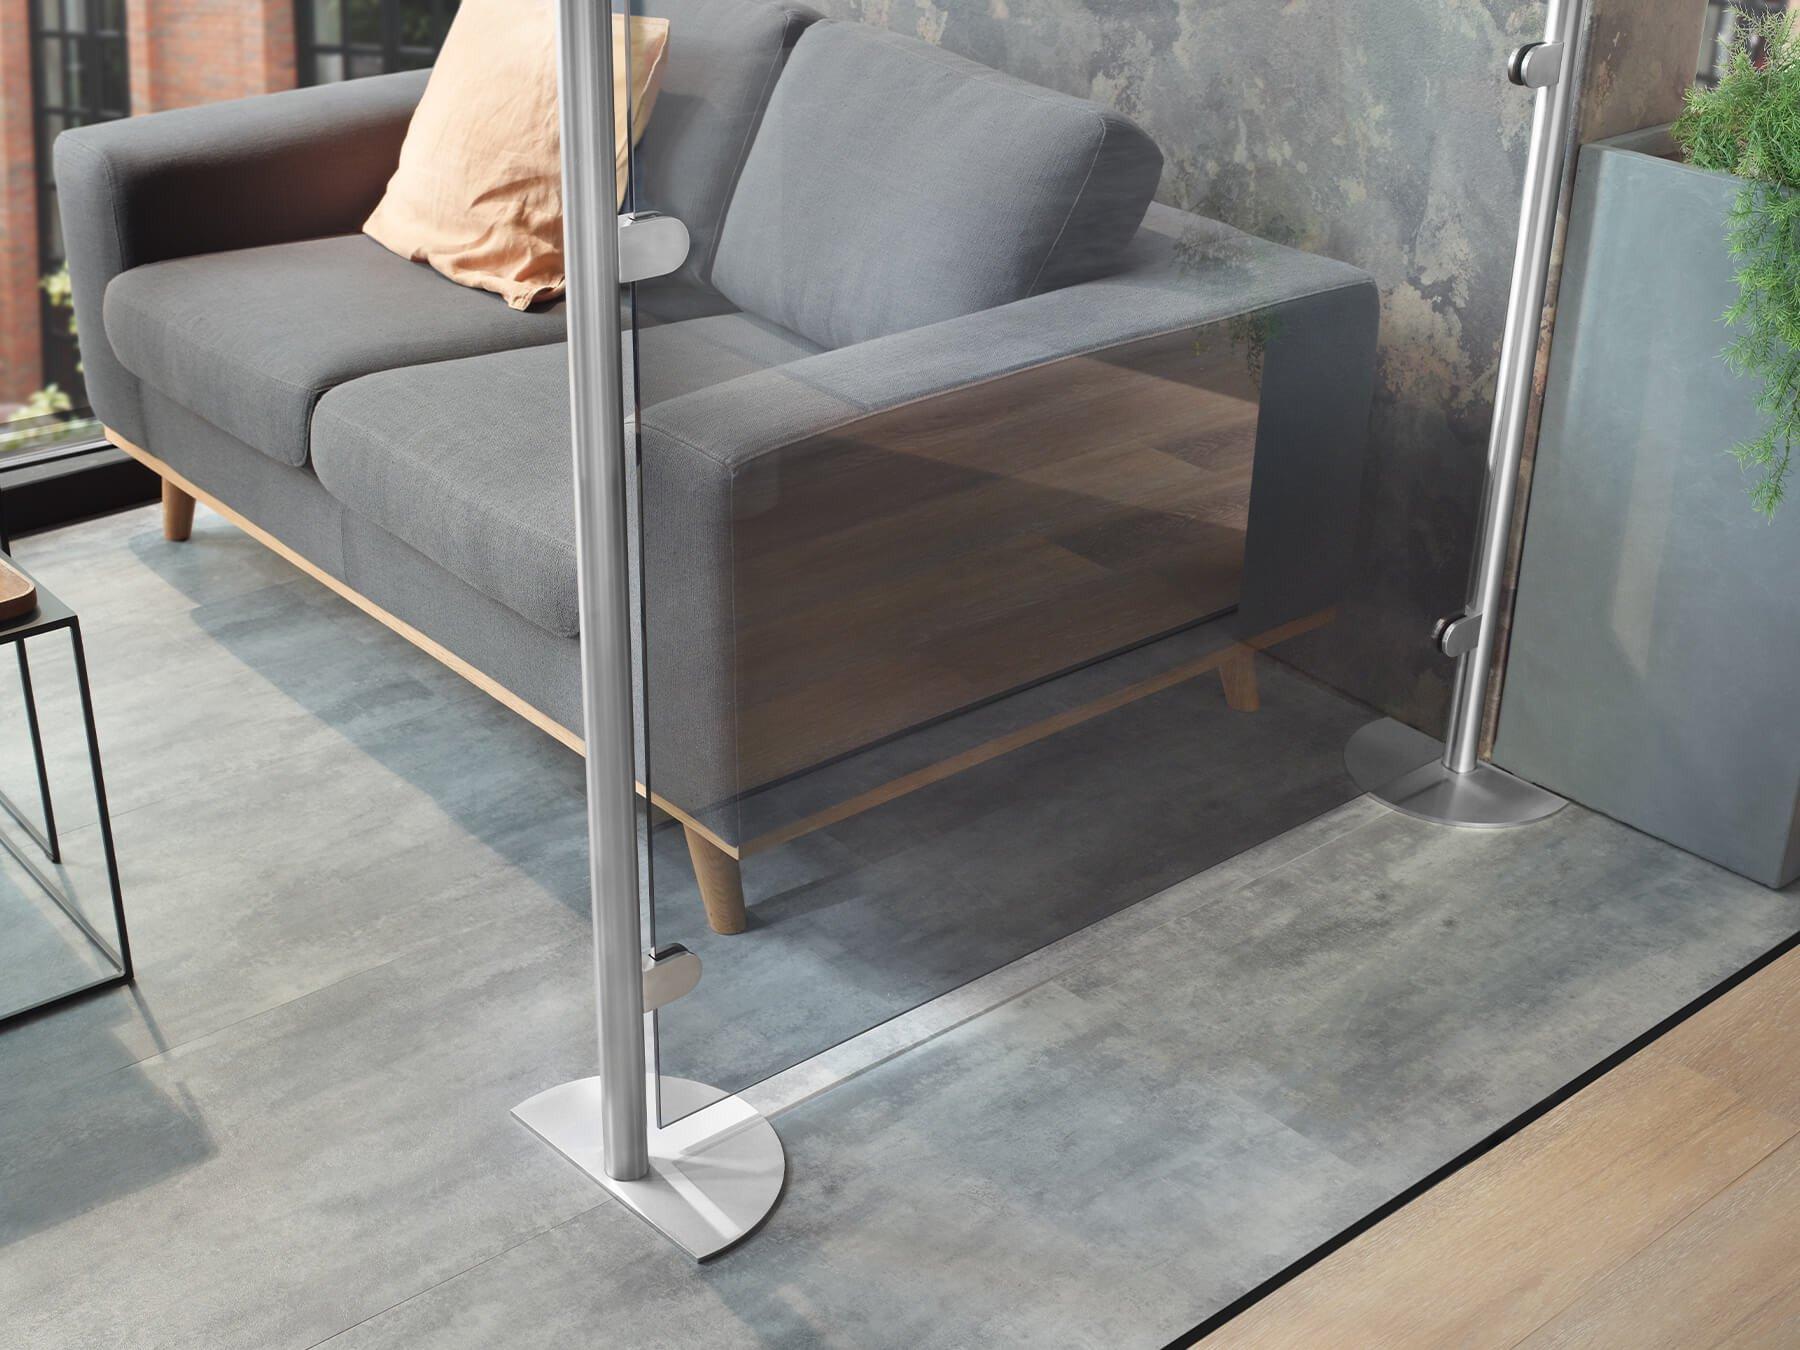 Mobile Glastrennwand mit Standfüßen mit Zuschnitt als Abtrennung zum Sitzbereich